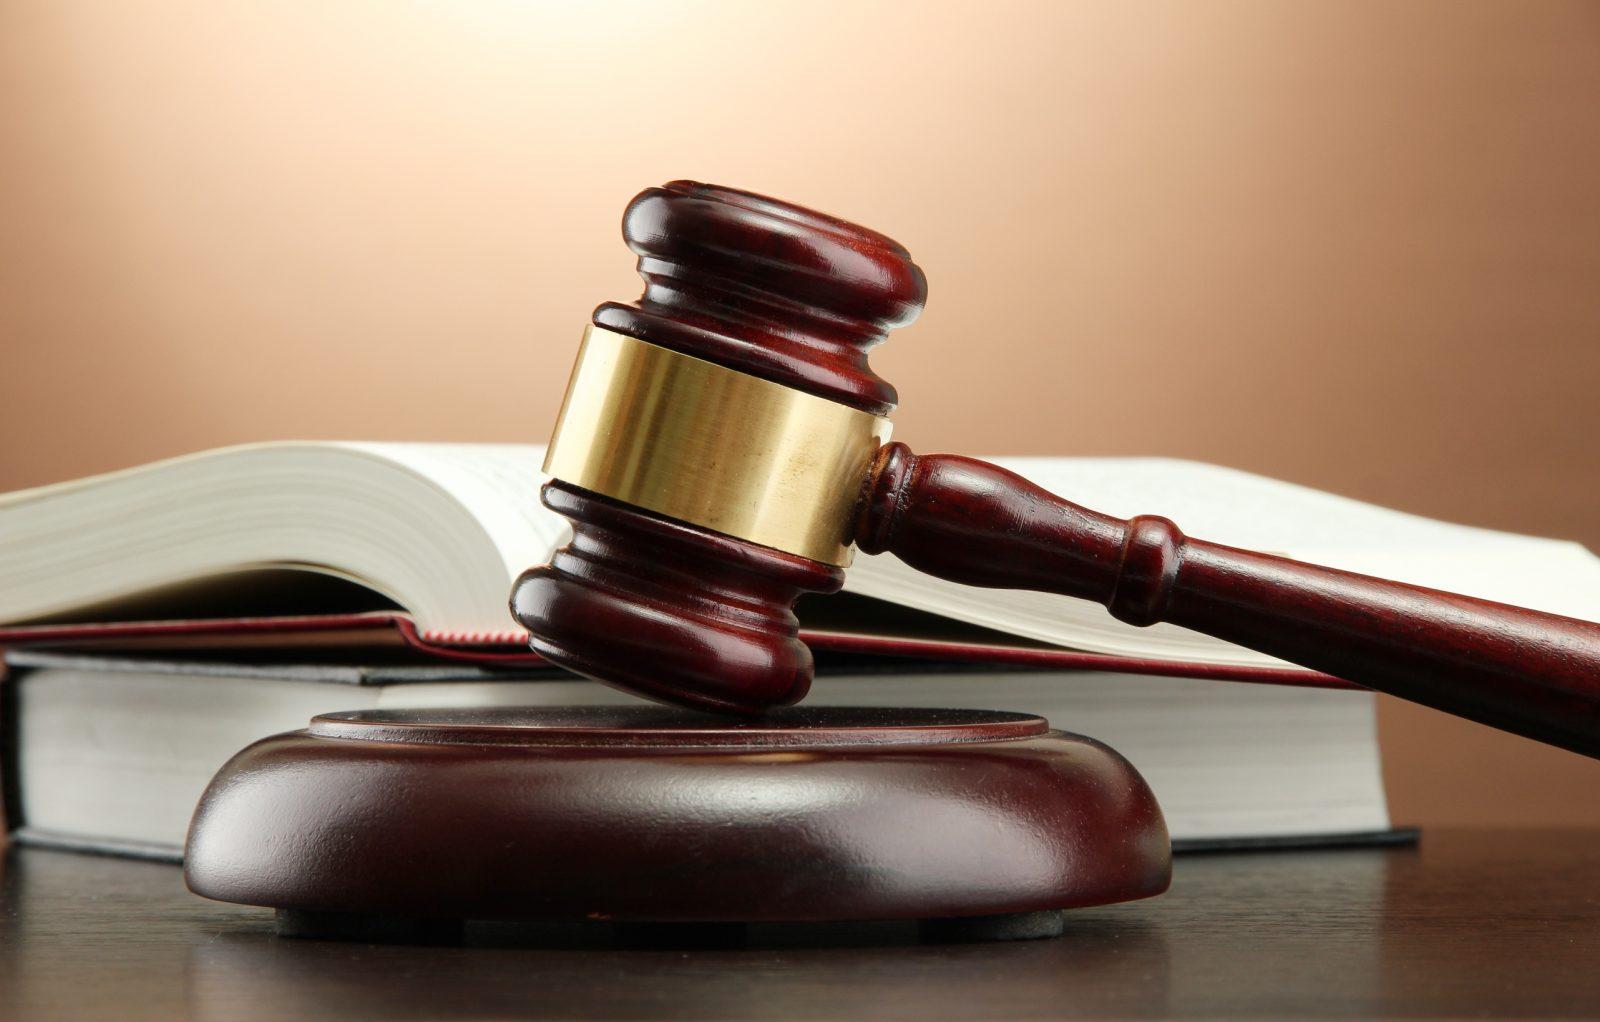 Impliqué dans des histoires de drogues, Jonathan Lajoie plaide coupable